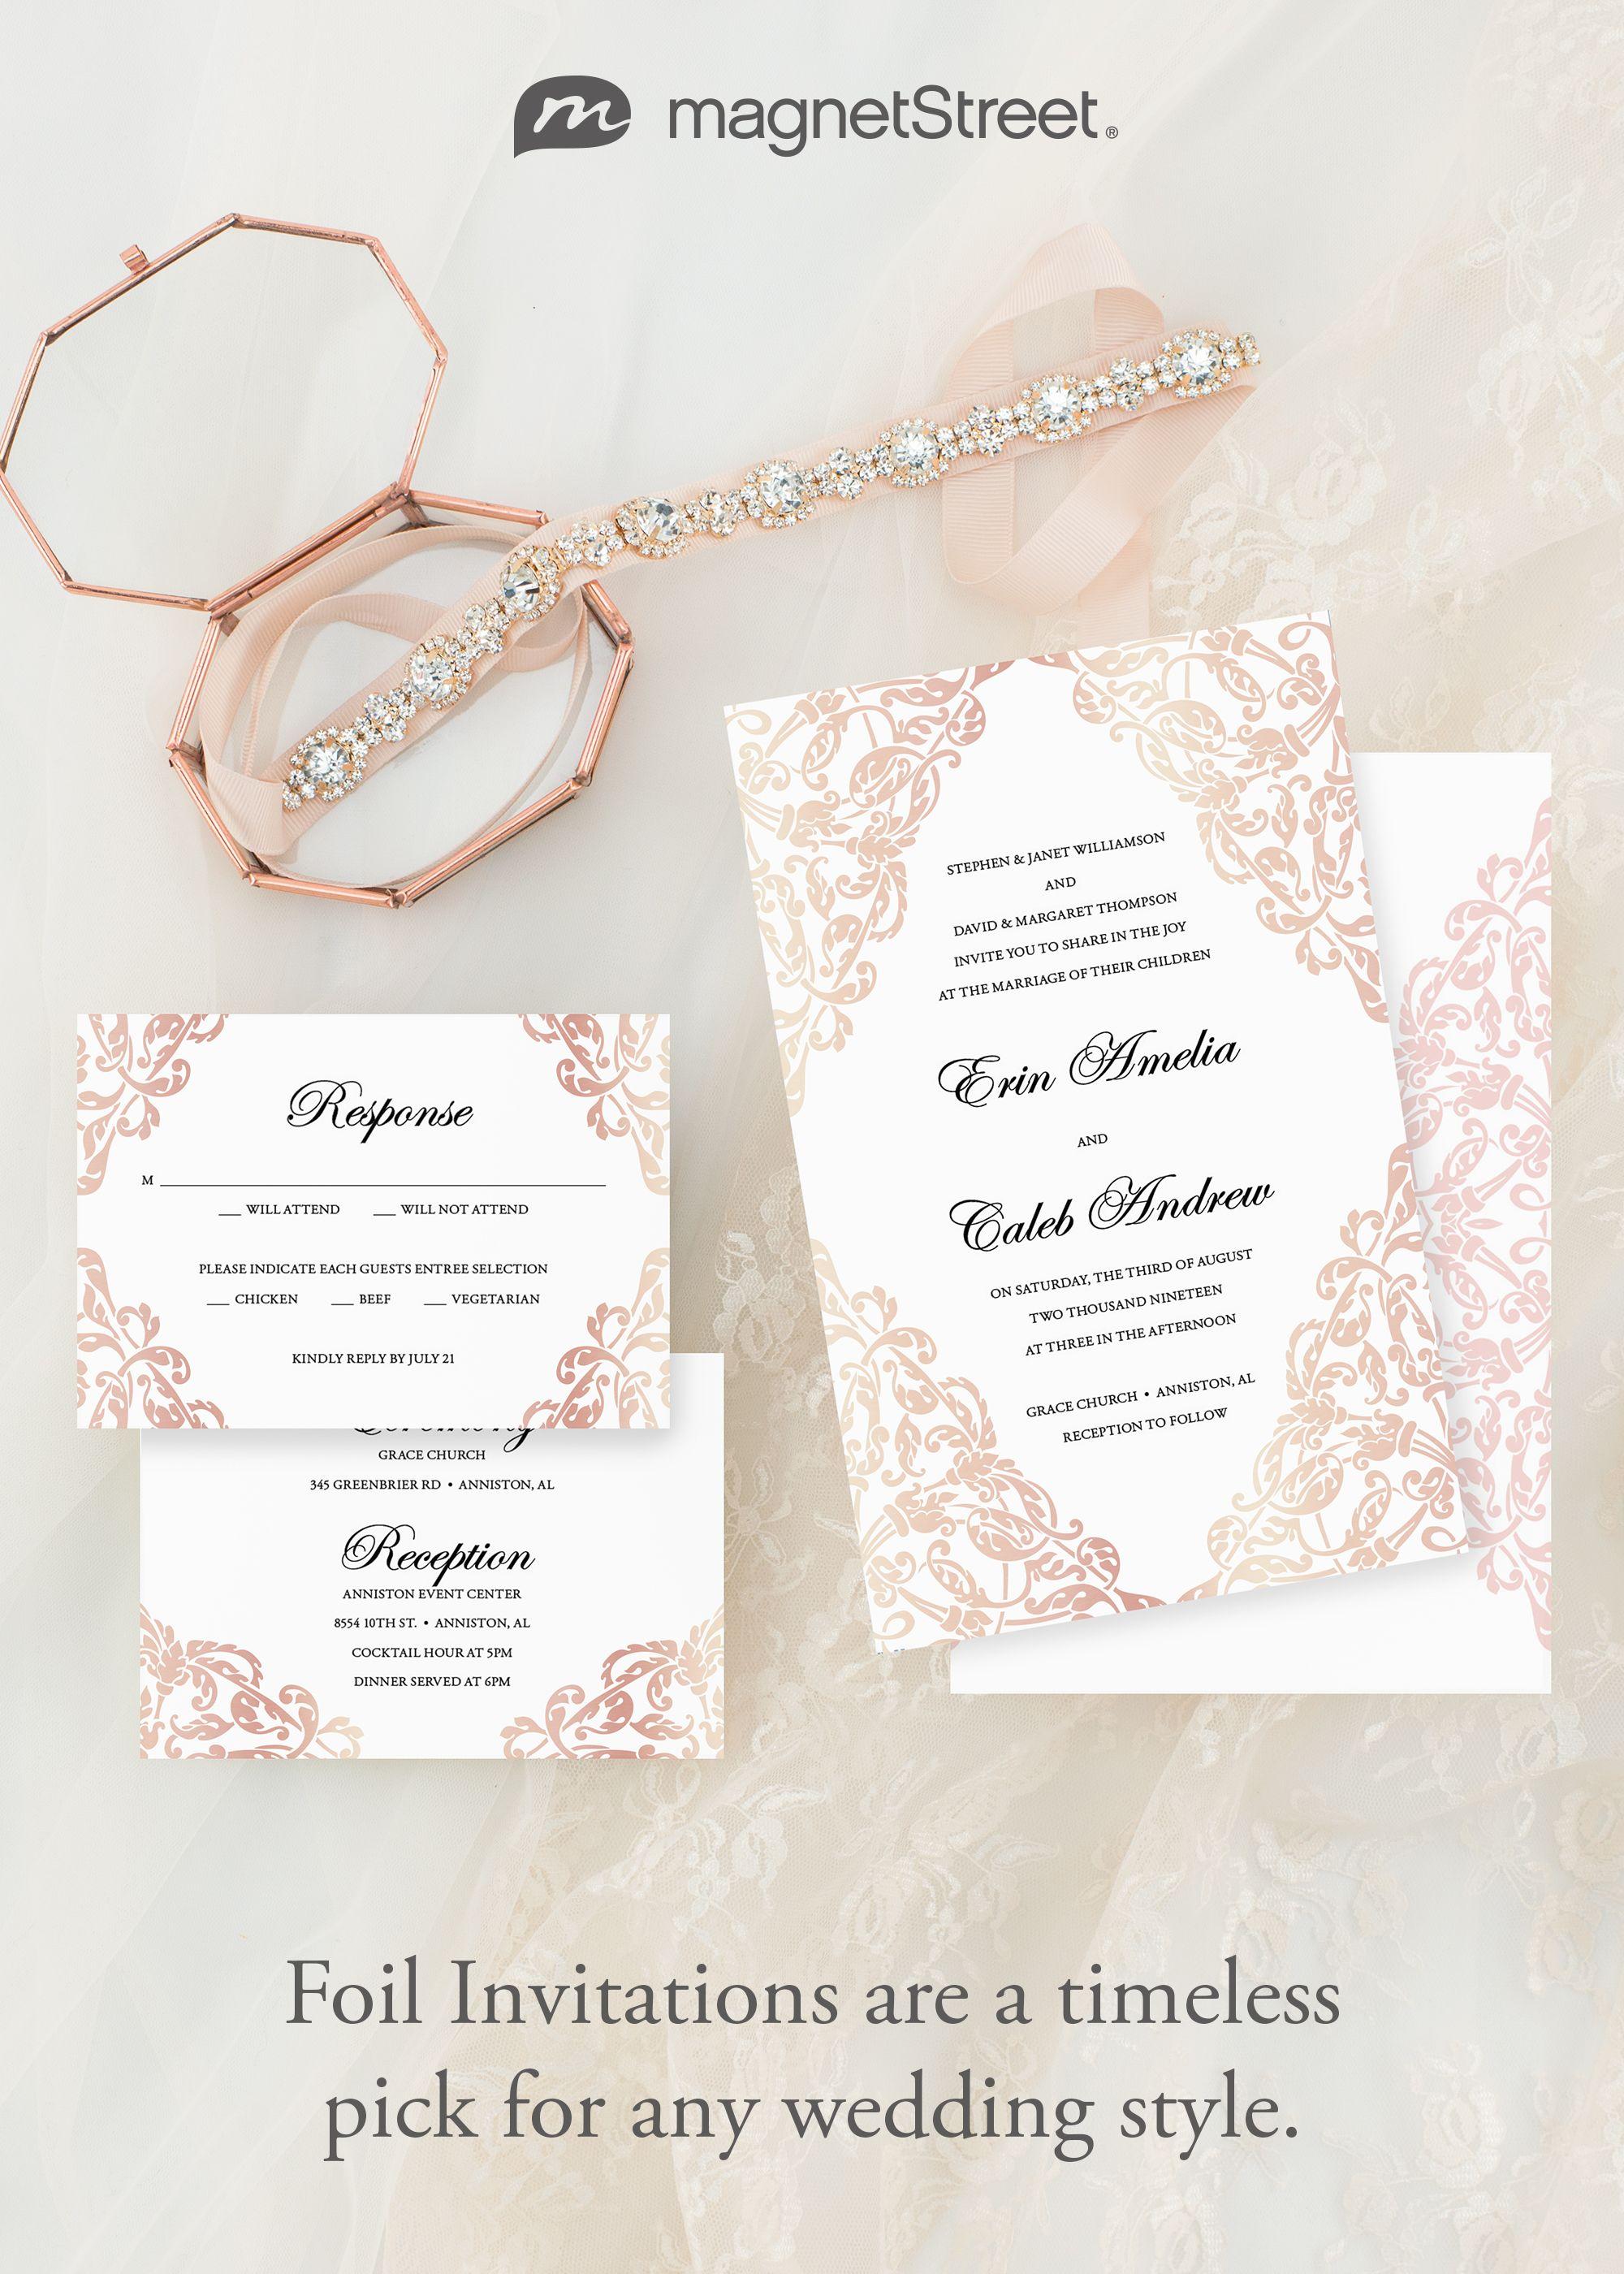 Wedding Invitations Do More Than Invite